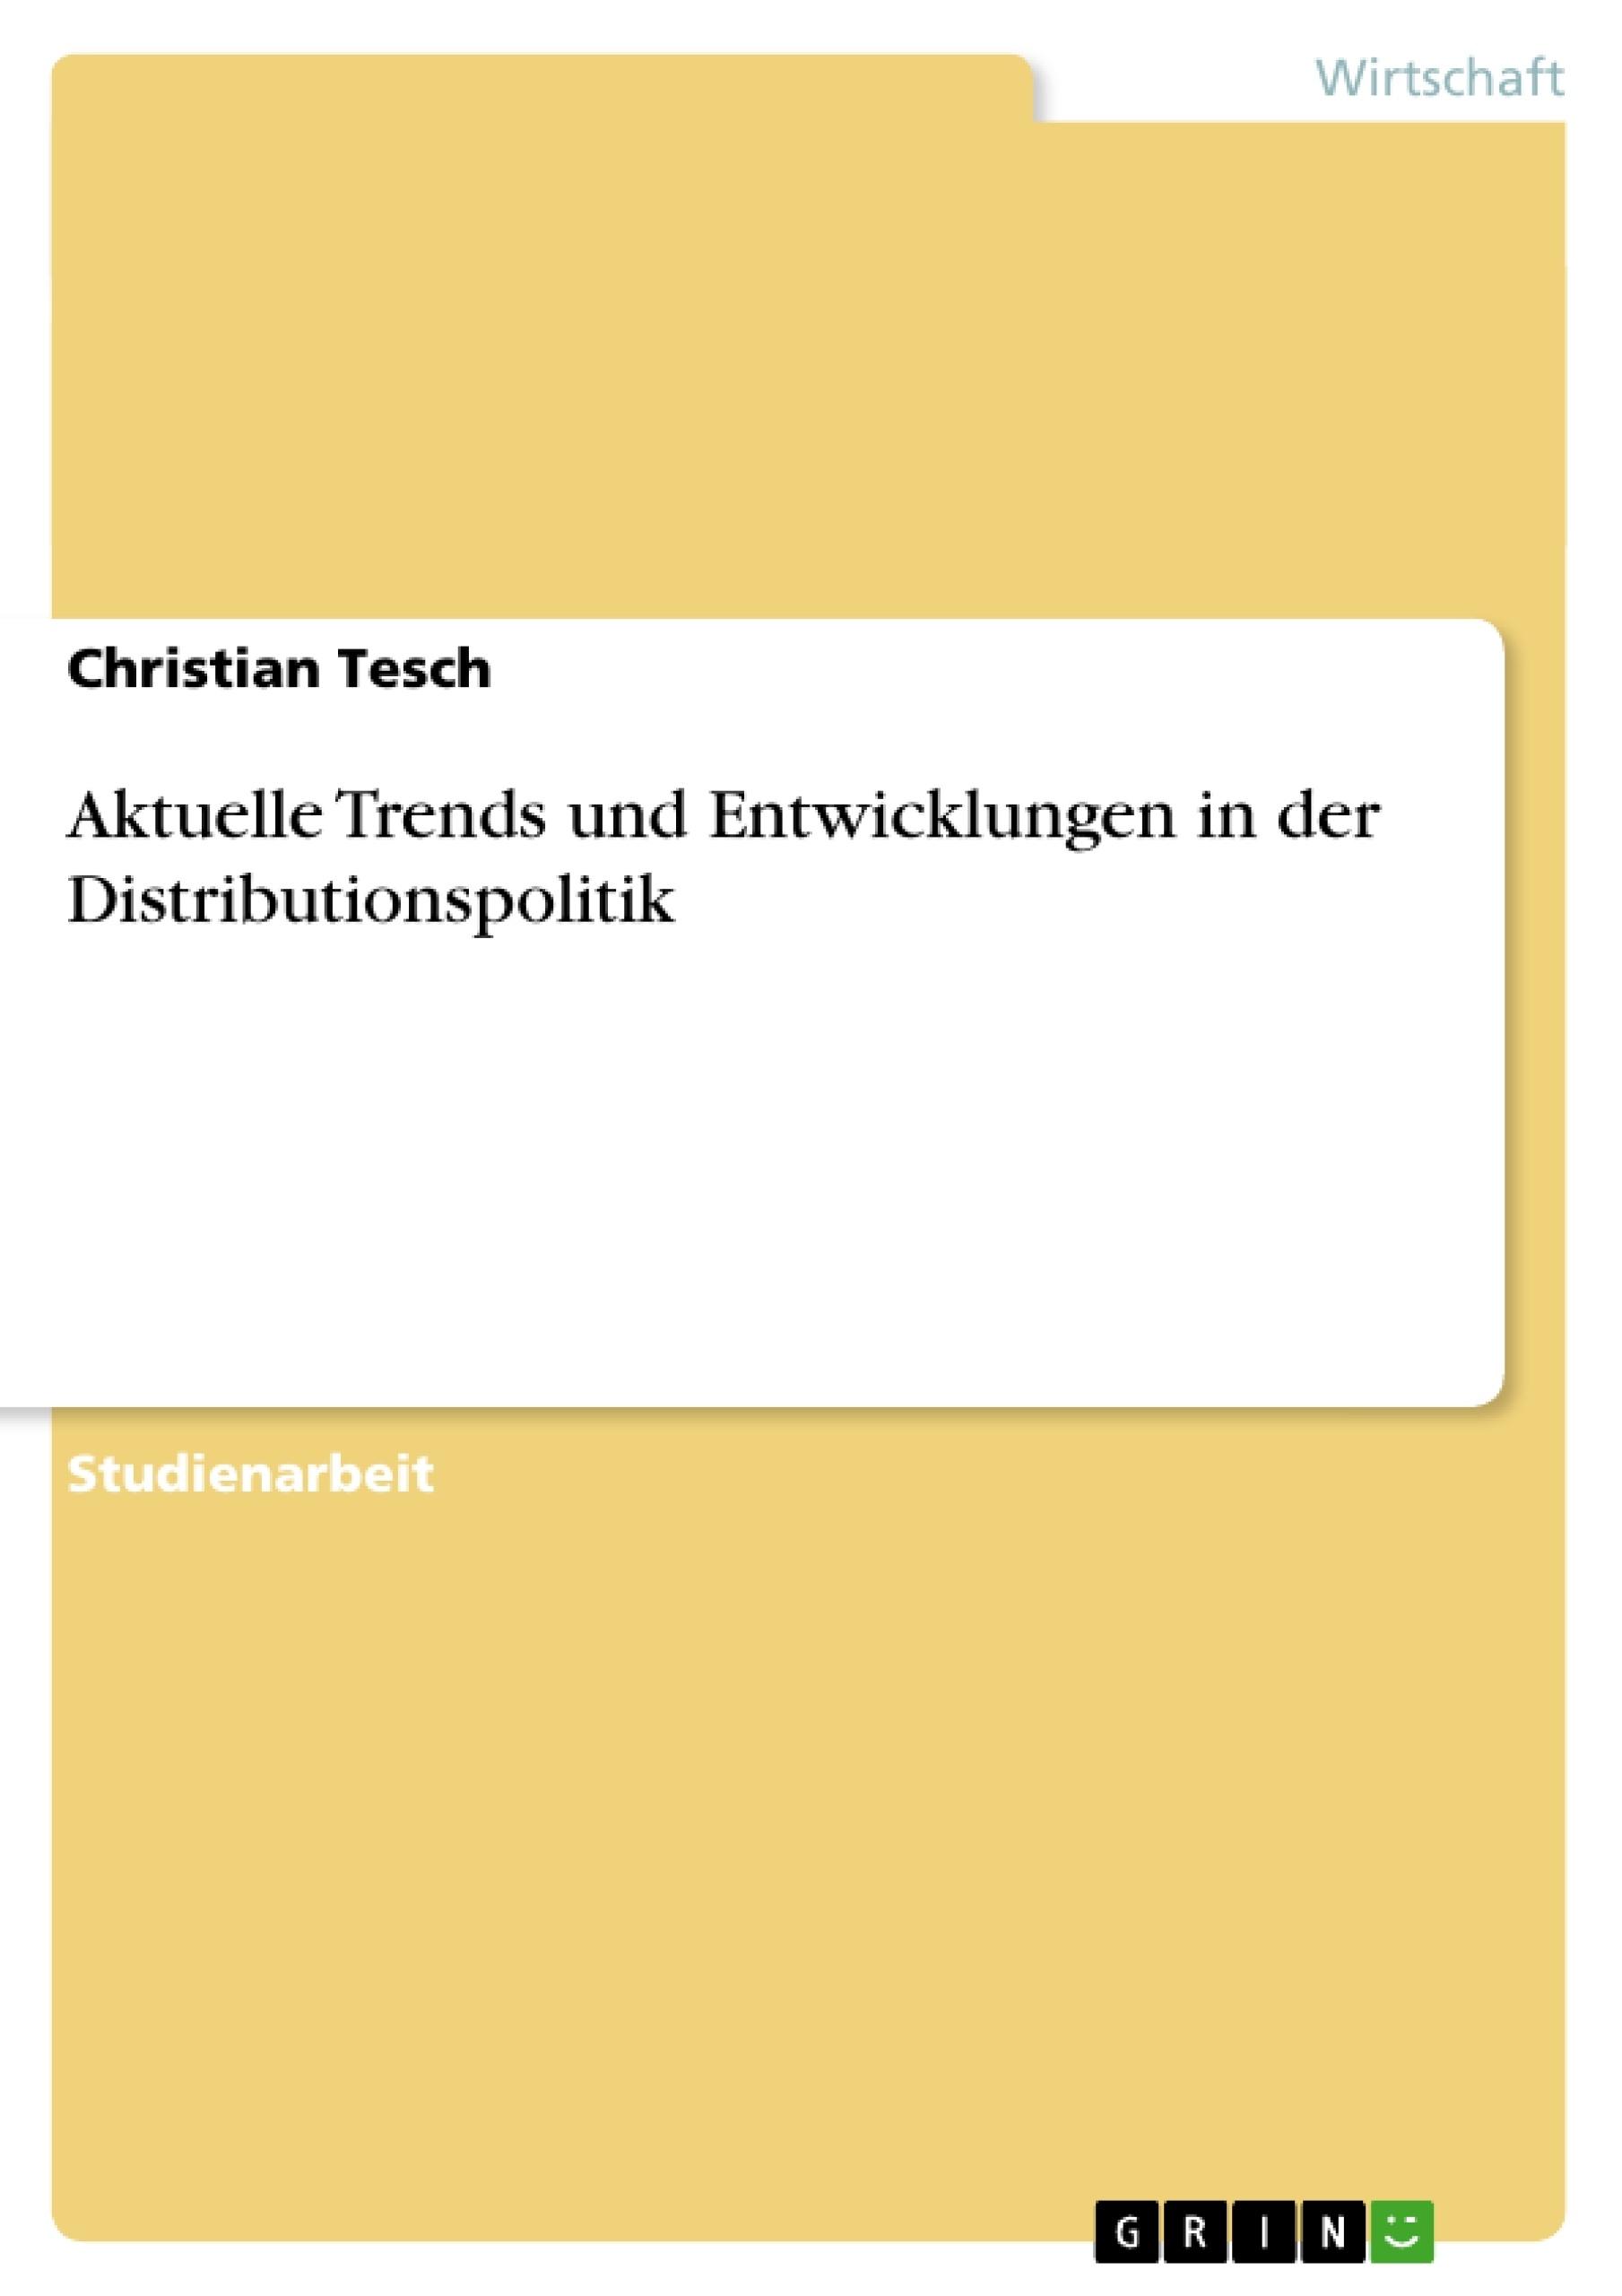 Titel: Aktuelle Trends und Entwicklungen in der Distributionspolitik